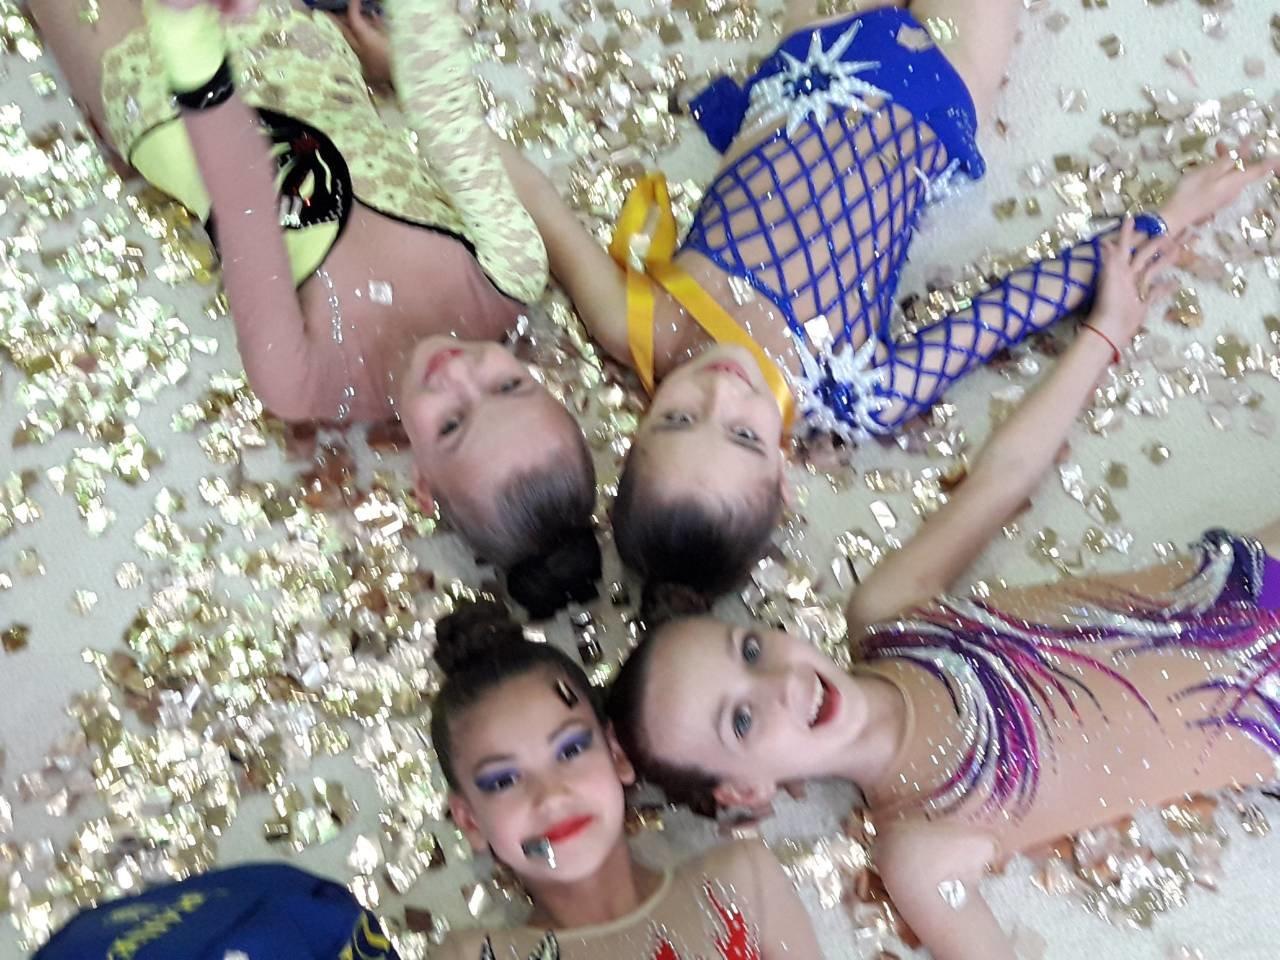 Маленькие Николаевские гимнастки привезли домой уйму медалей со Всеукраинского турнира, - ФОТО, фото-5